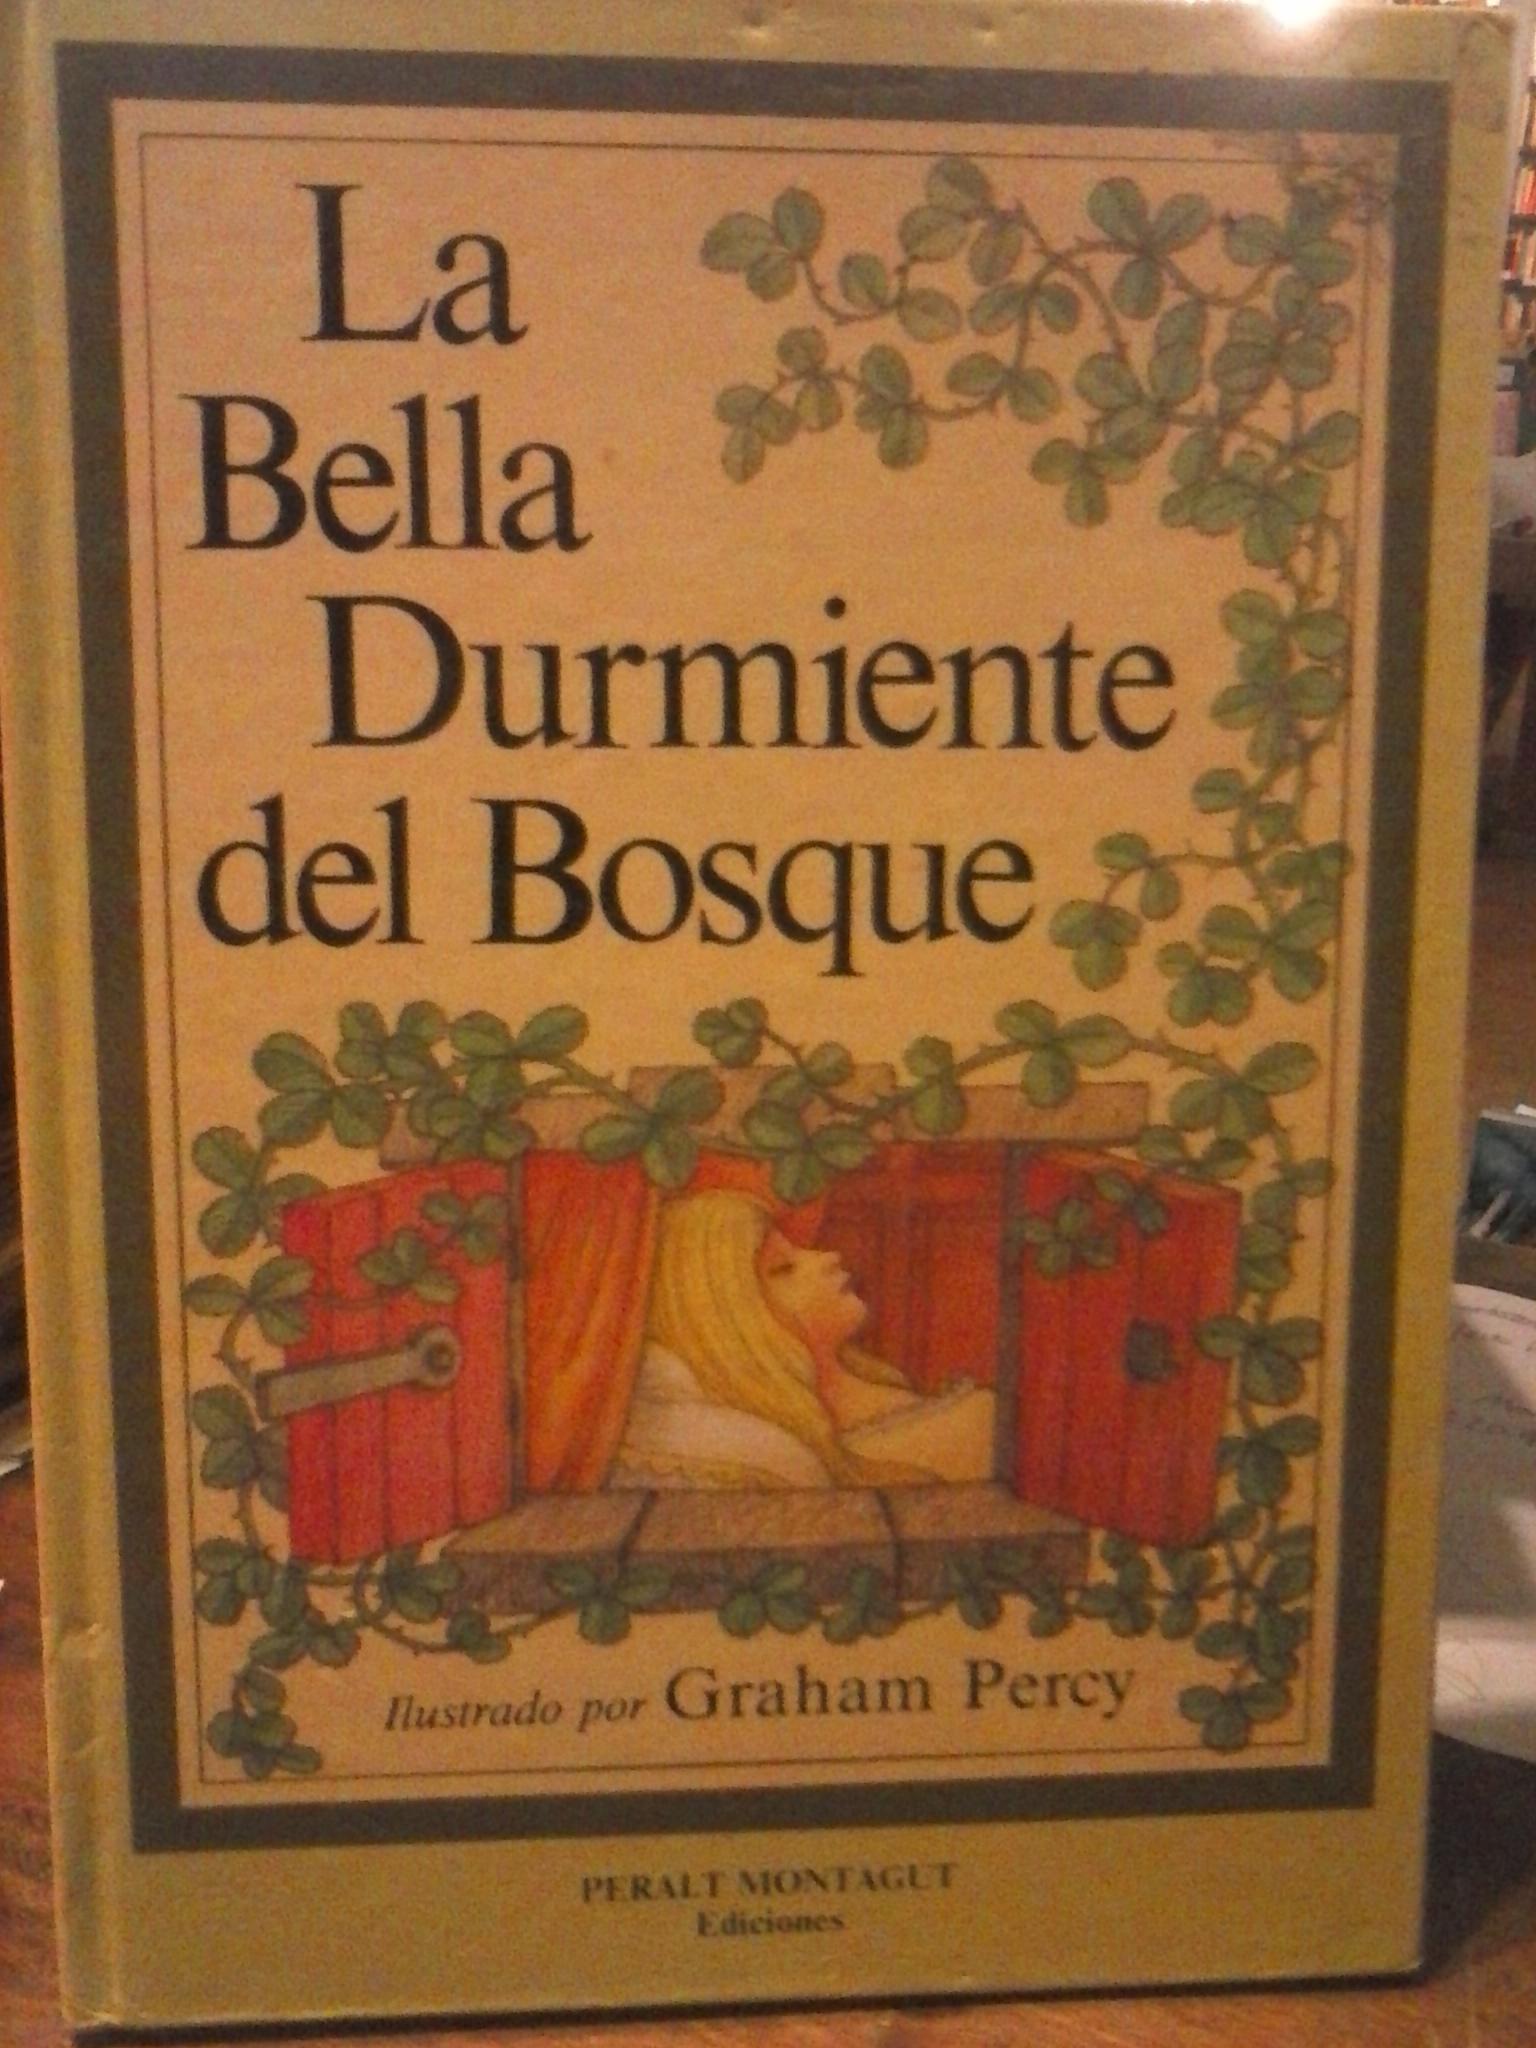 La Bella Durmiente Del Bosque By Percy Graham Sanz Calleja Niceforo Tr Cartone Ilustrado 1991 La Leona Libreria